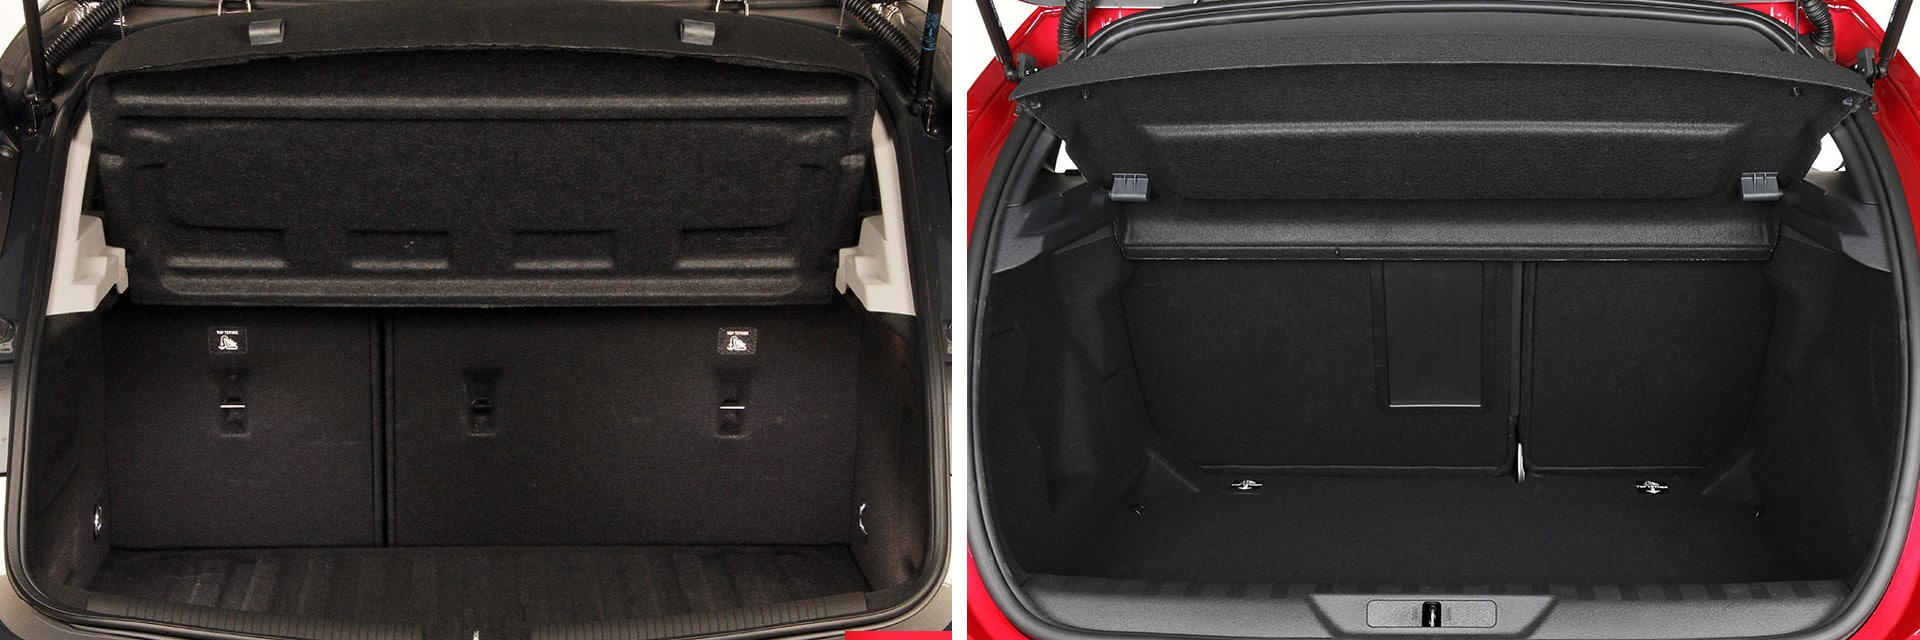 La capacidad del maletero del Peugeot 308 (dcha.) es 50 litros superior a la del Opel Astra (izq.)